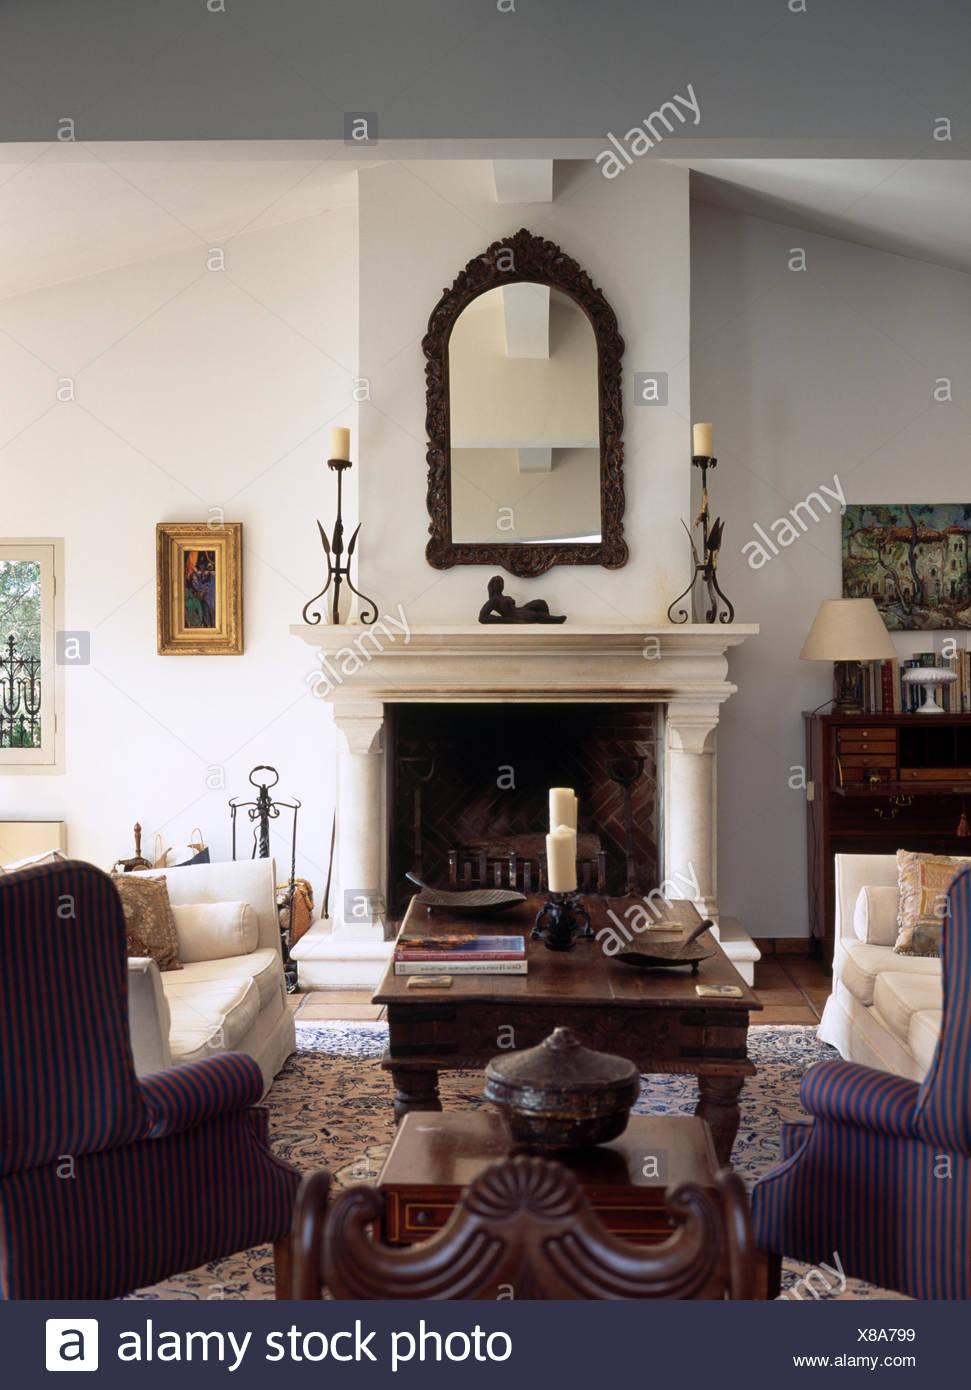 Antike Dekorative Spiegel über Marmorkamin Mit Säulen In Französischer  Landhaus Wohnzimmer